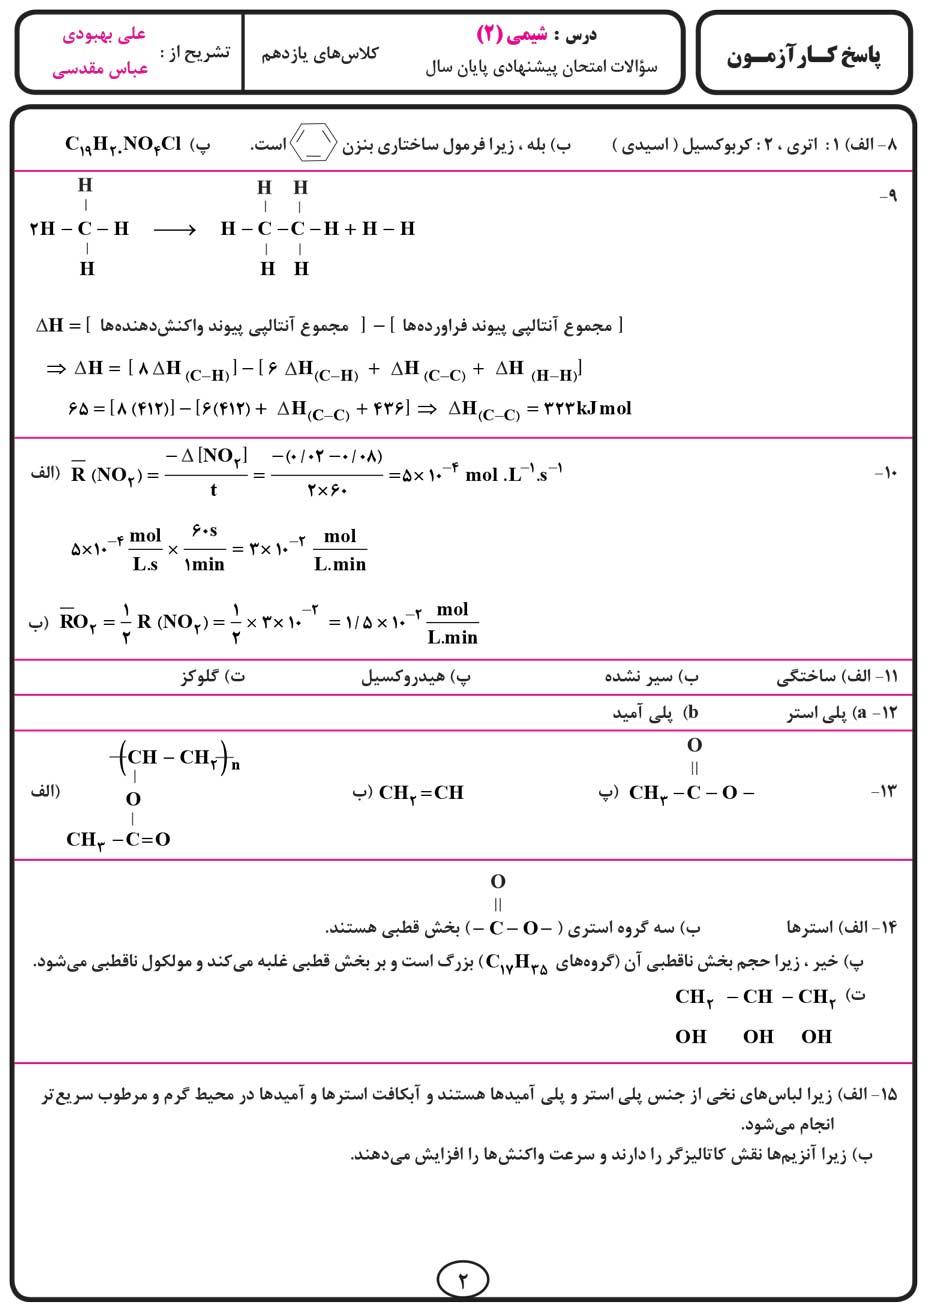 پاسخ کارآزمون شیمی (۲) یازدهم متوسطه انتشارات بنی هاشمی خامنه صفحه دوم